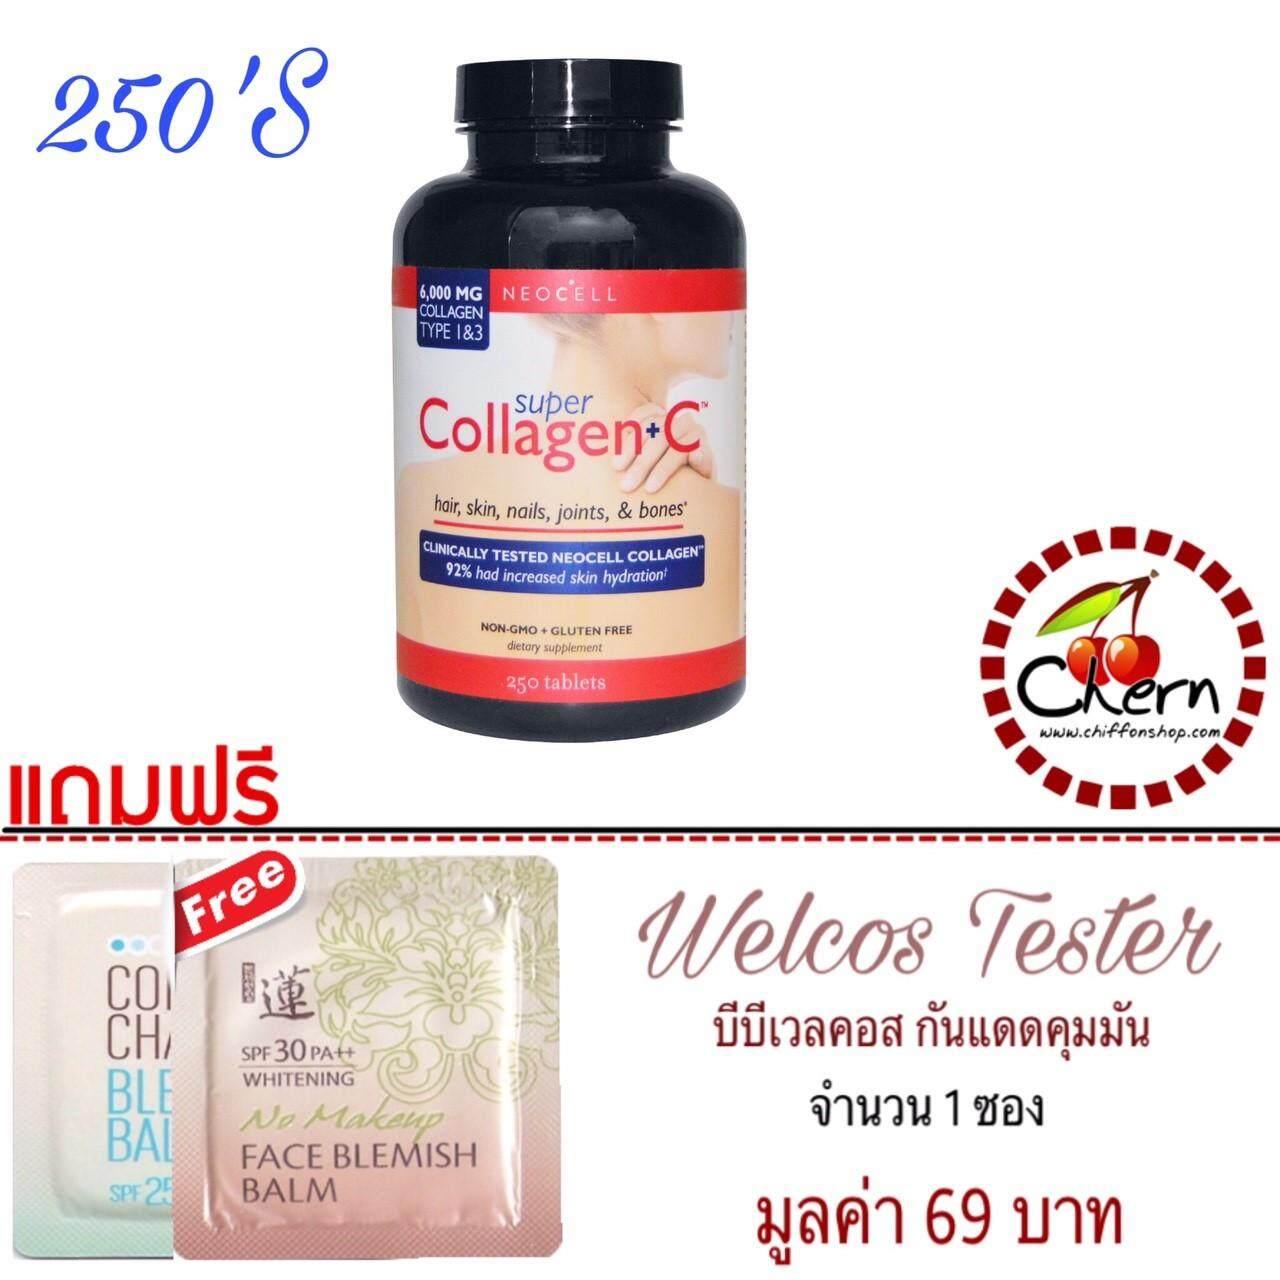 ราคา Neocell Super Collagen C 6000Mg 250เม็ด 1ขวด Neocell